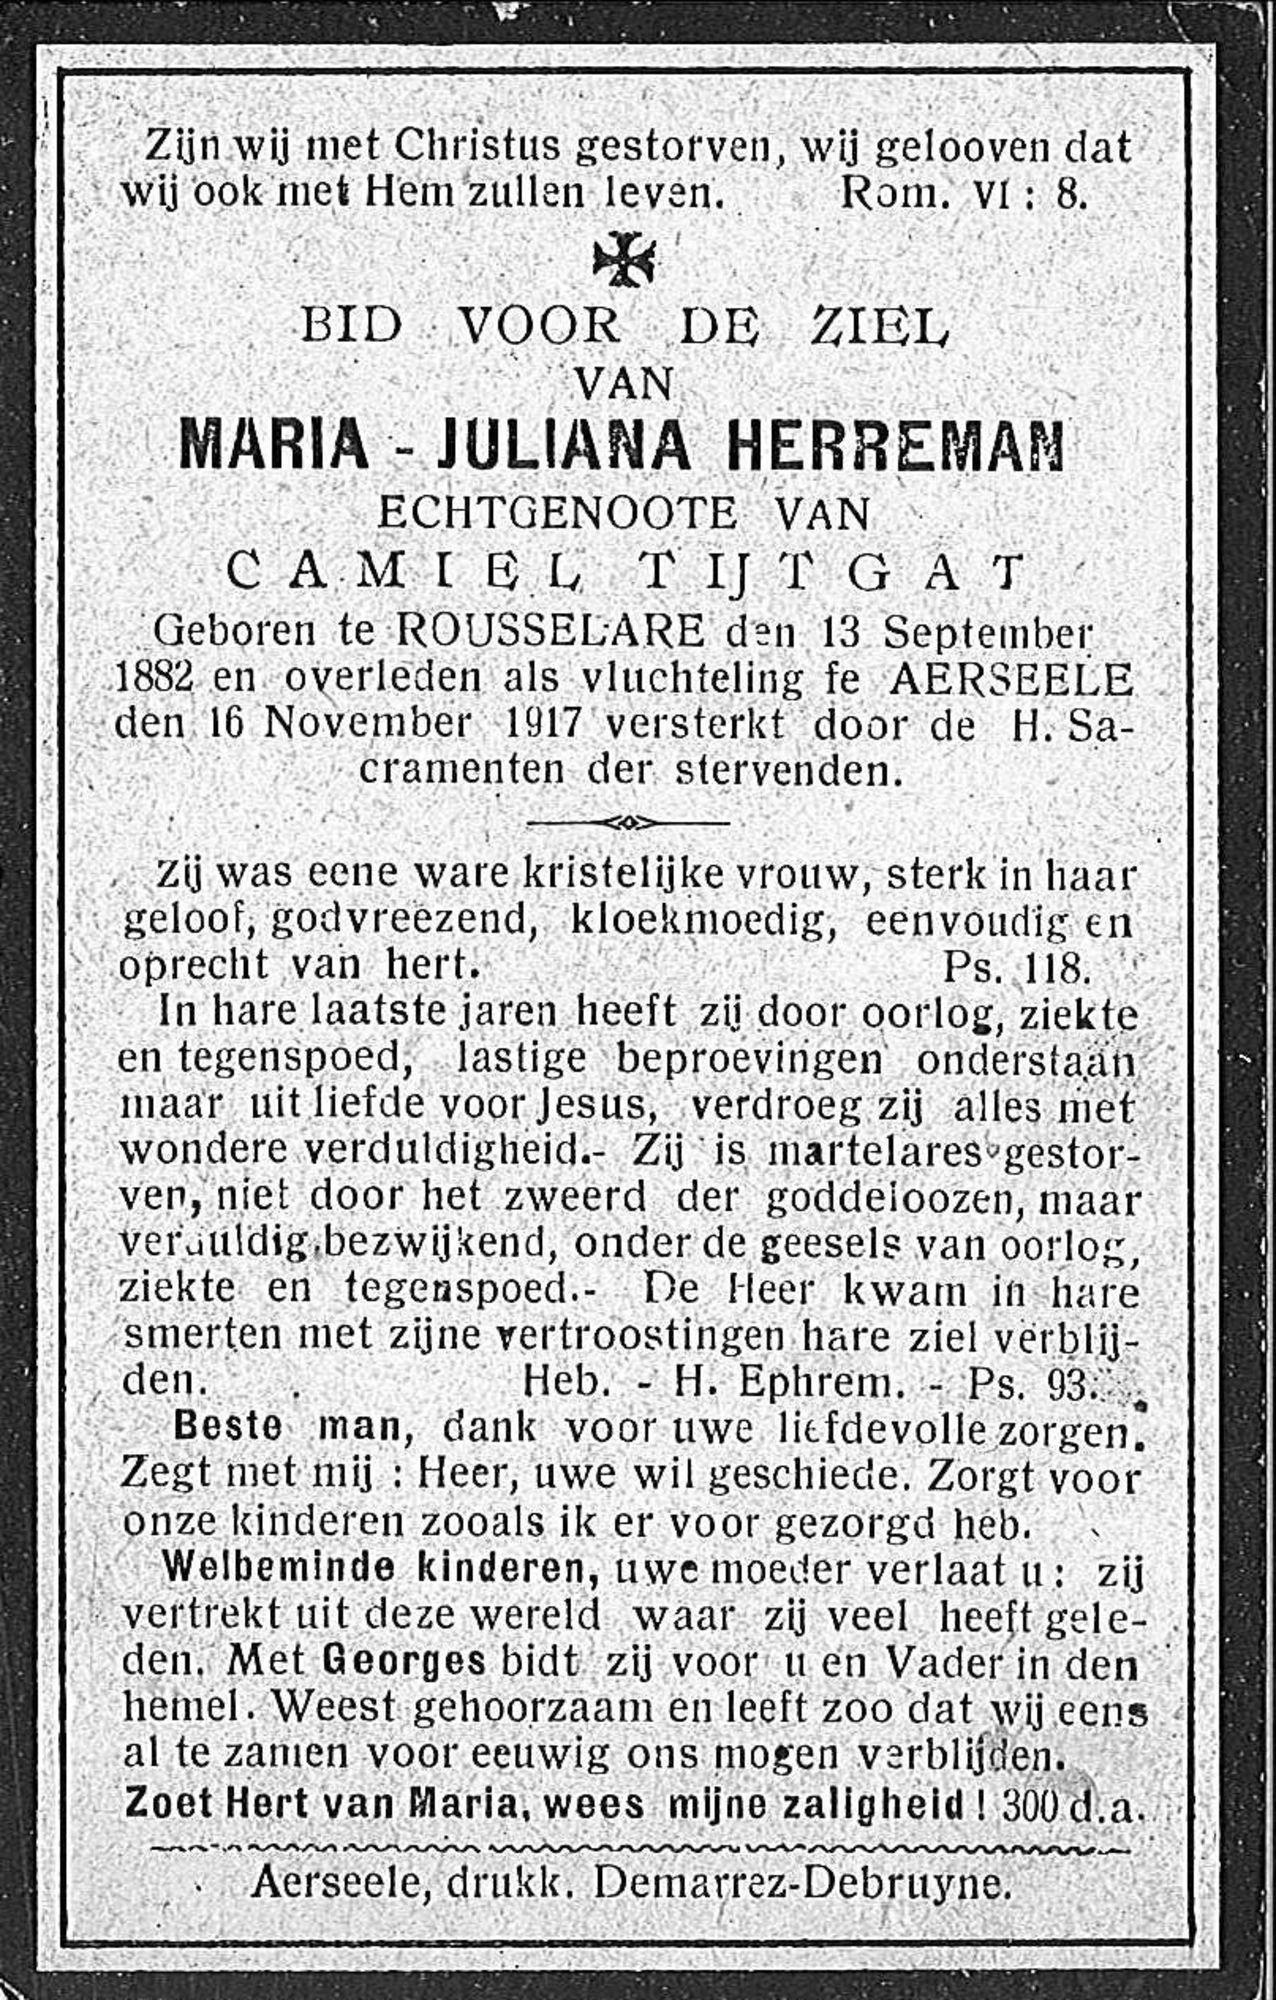 Maria-Juliana Herreman